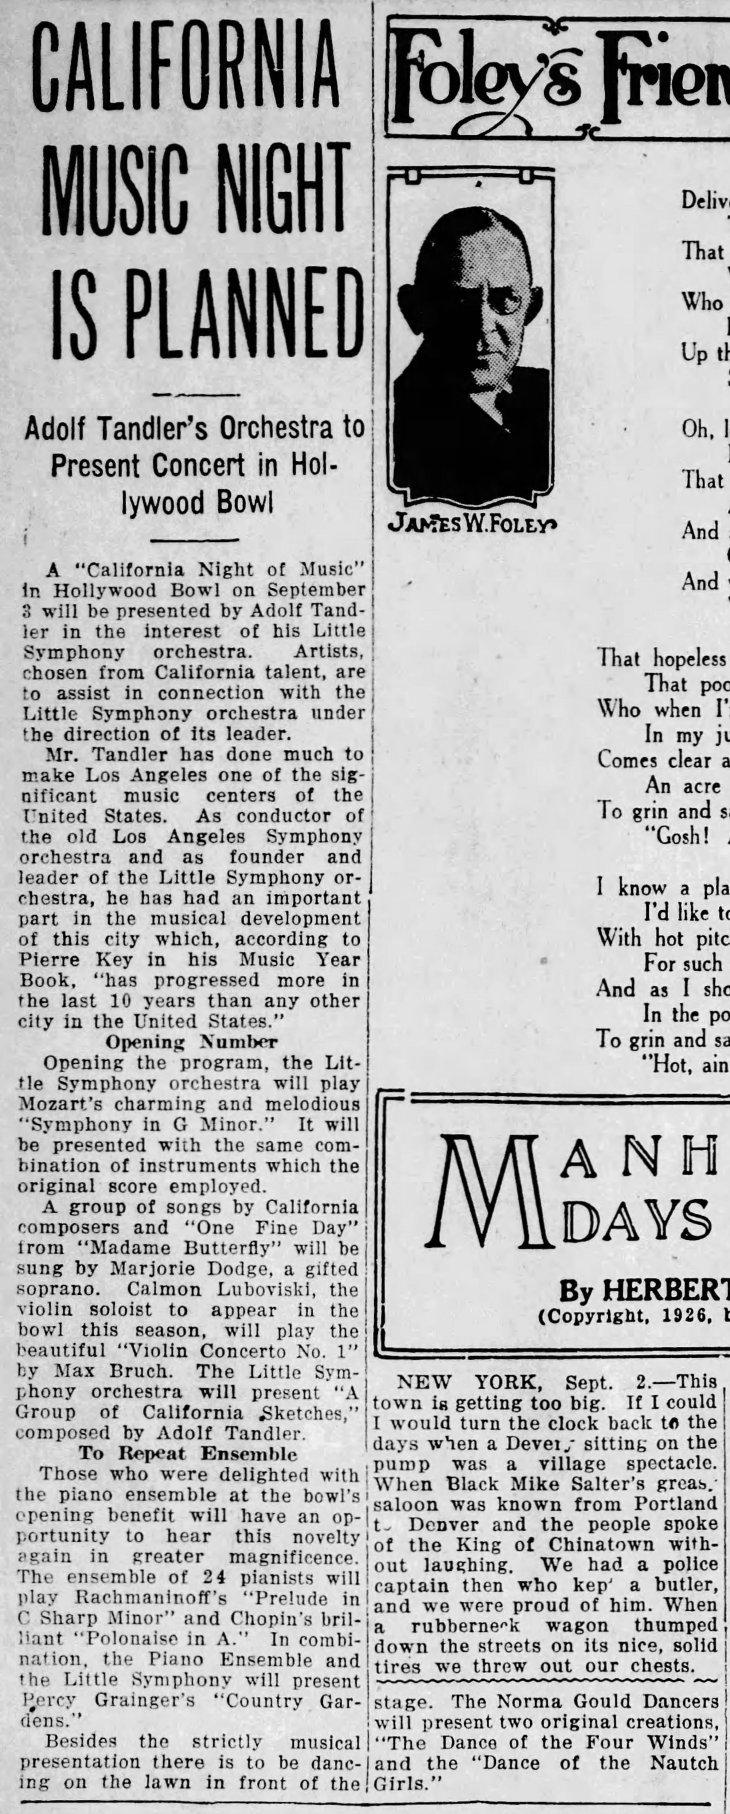 Pasadena_Evening_Post_Thu__Sep_2__1926_